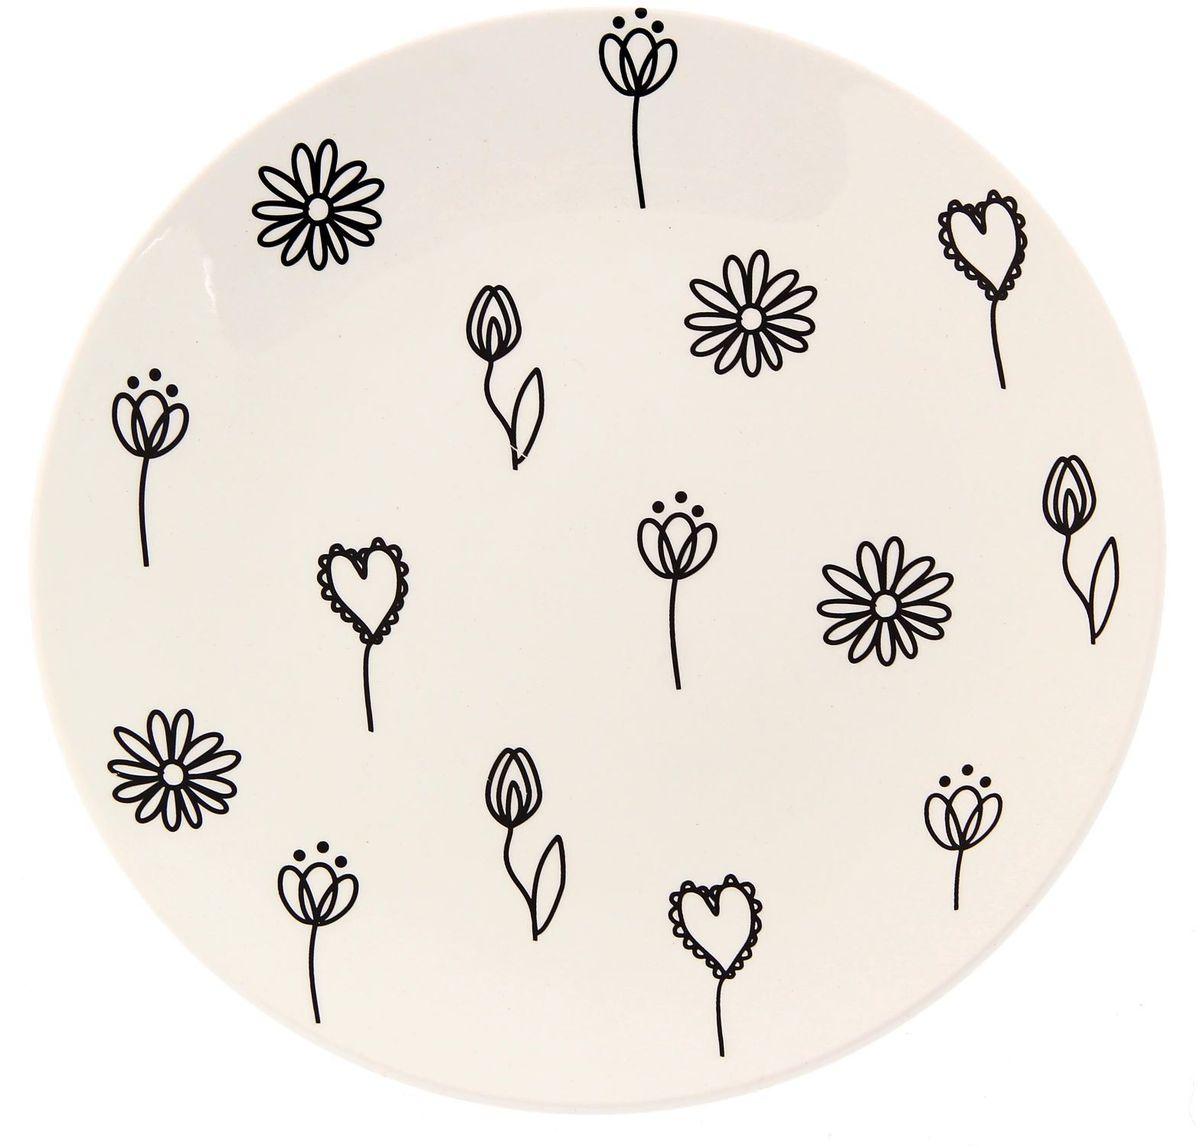 Тарелка Сотвори чудо Черный цветок, диаметр 22 см2277897Хотите обновить интерьер кухни или гостиной? Устраиваете необычную фотосессию или тематический праздник? А может, просто ищете подарок для близкого человека? Посуда « Сотвори Чудо» — правильный выбор в любой ситуации. Её достоинства: изящный фаянс нежного сливочного цвета; стойкость краски; пригодность для посудомоечных машин.